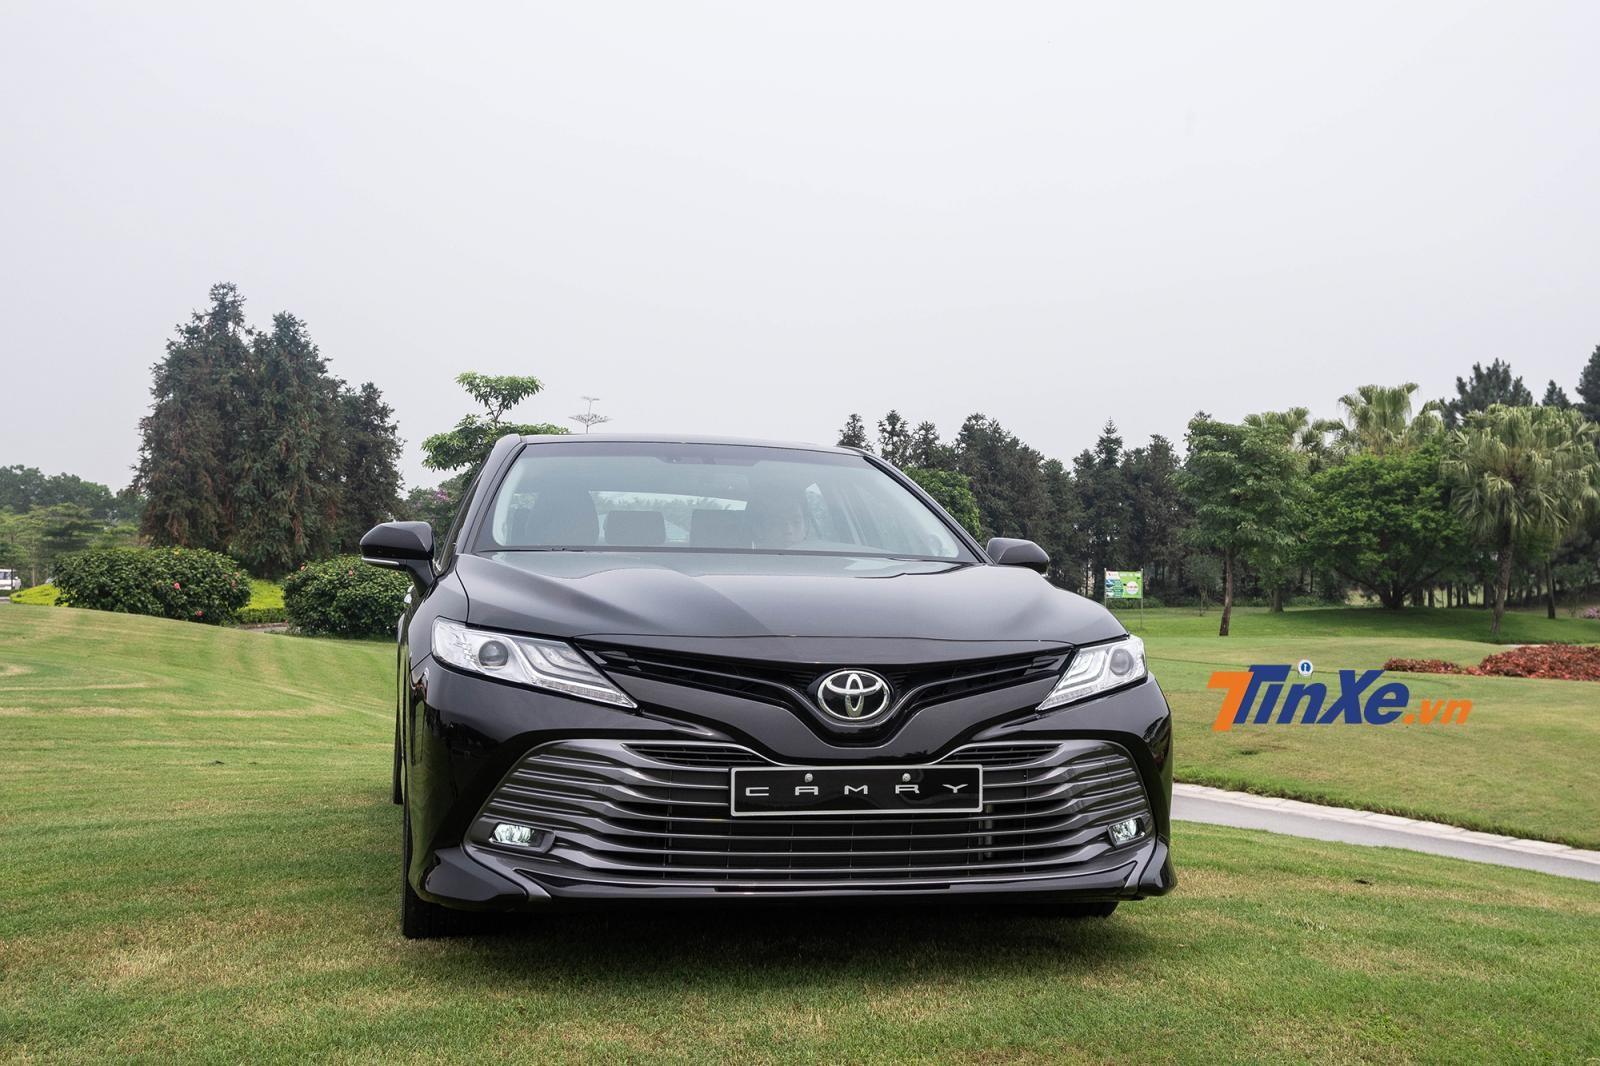 Toyota Camry 2019 gây ấn tượng với phần đầu xe dữ dằn, thể thao hơn